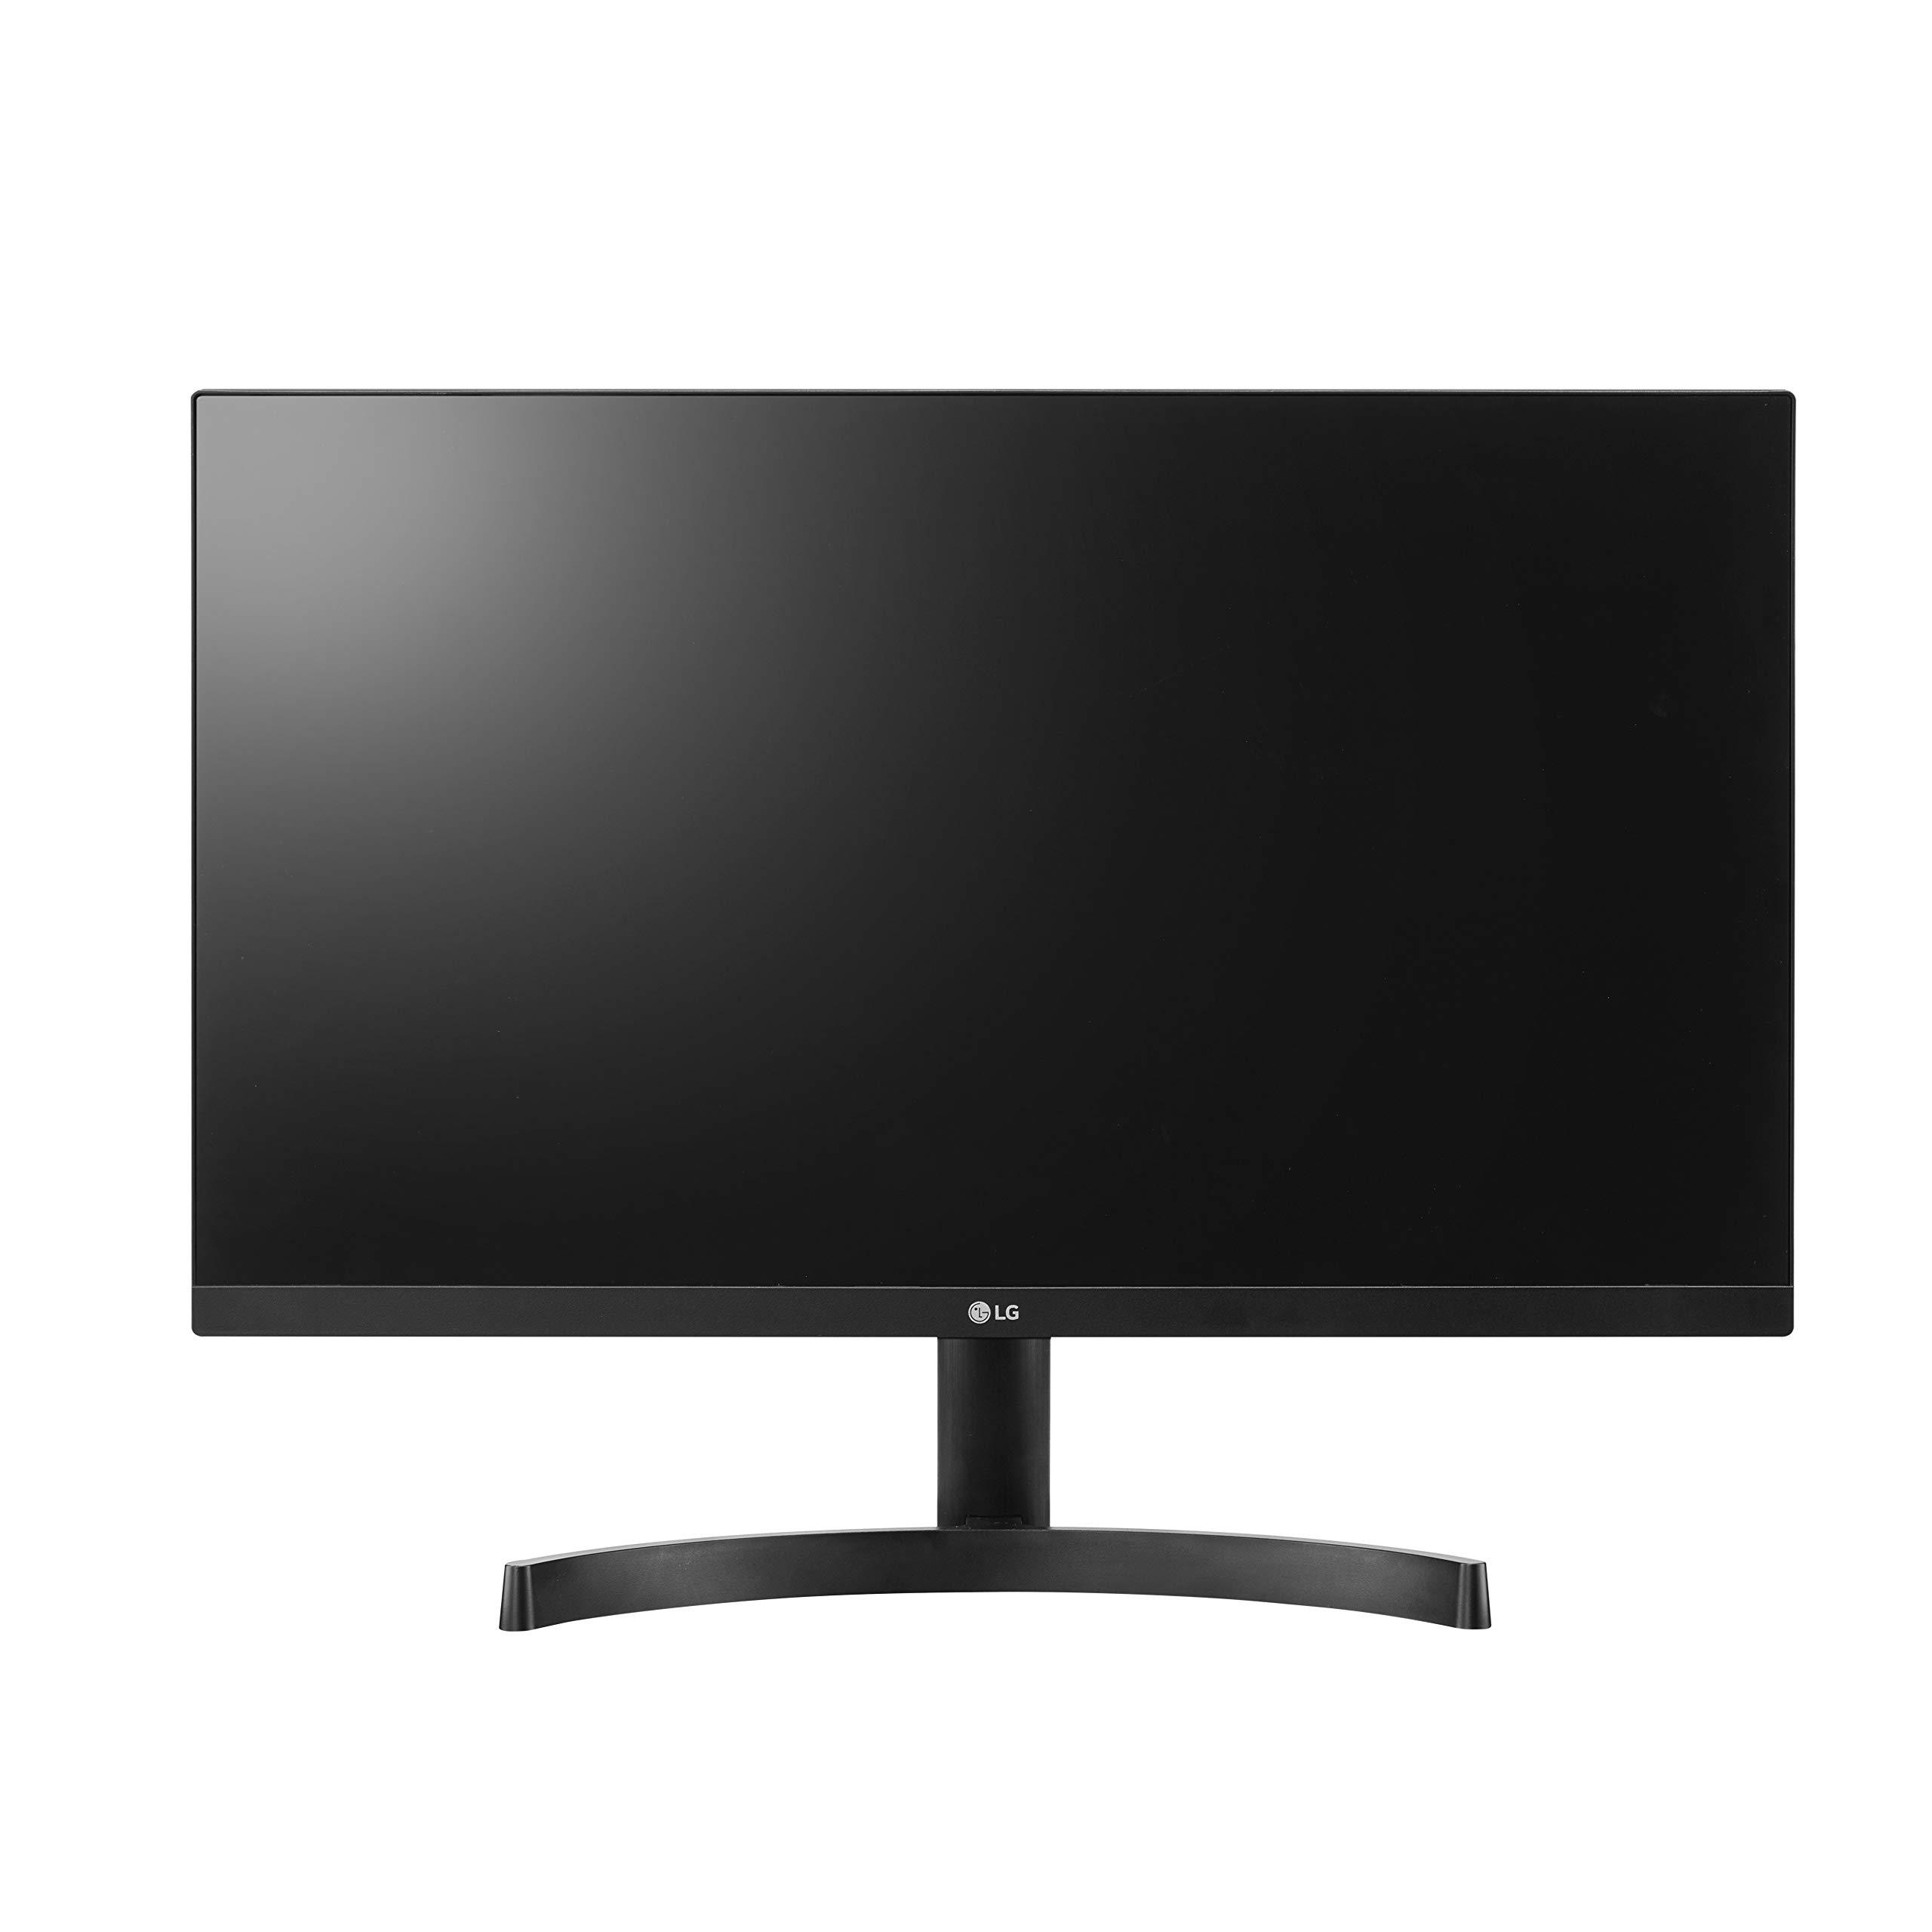 LG 24MK600M-B - Monitor FHD de 60,4 cm (23,8